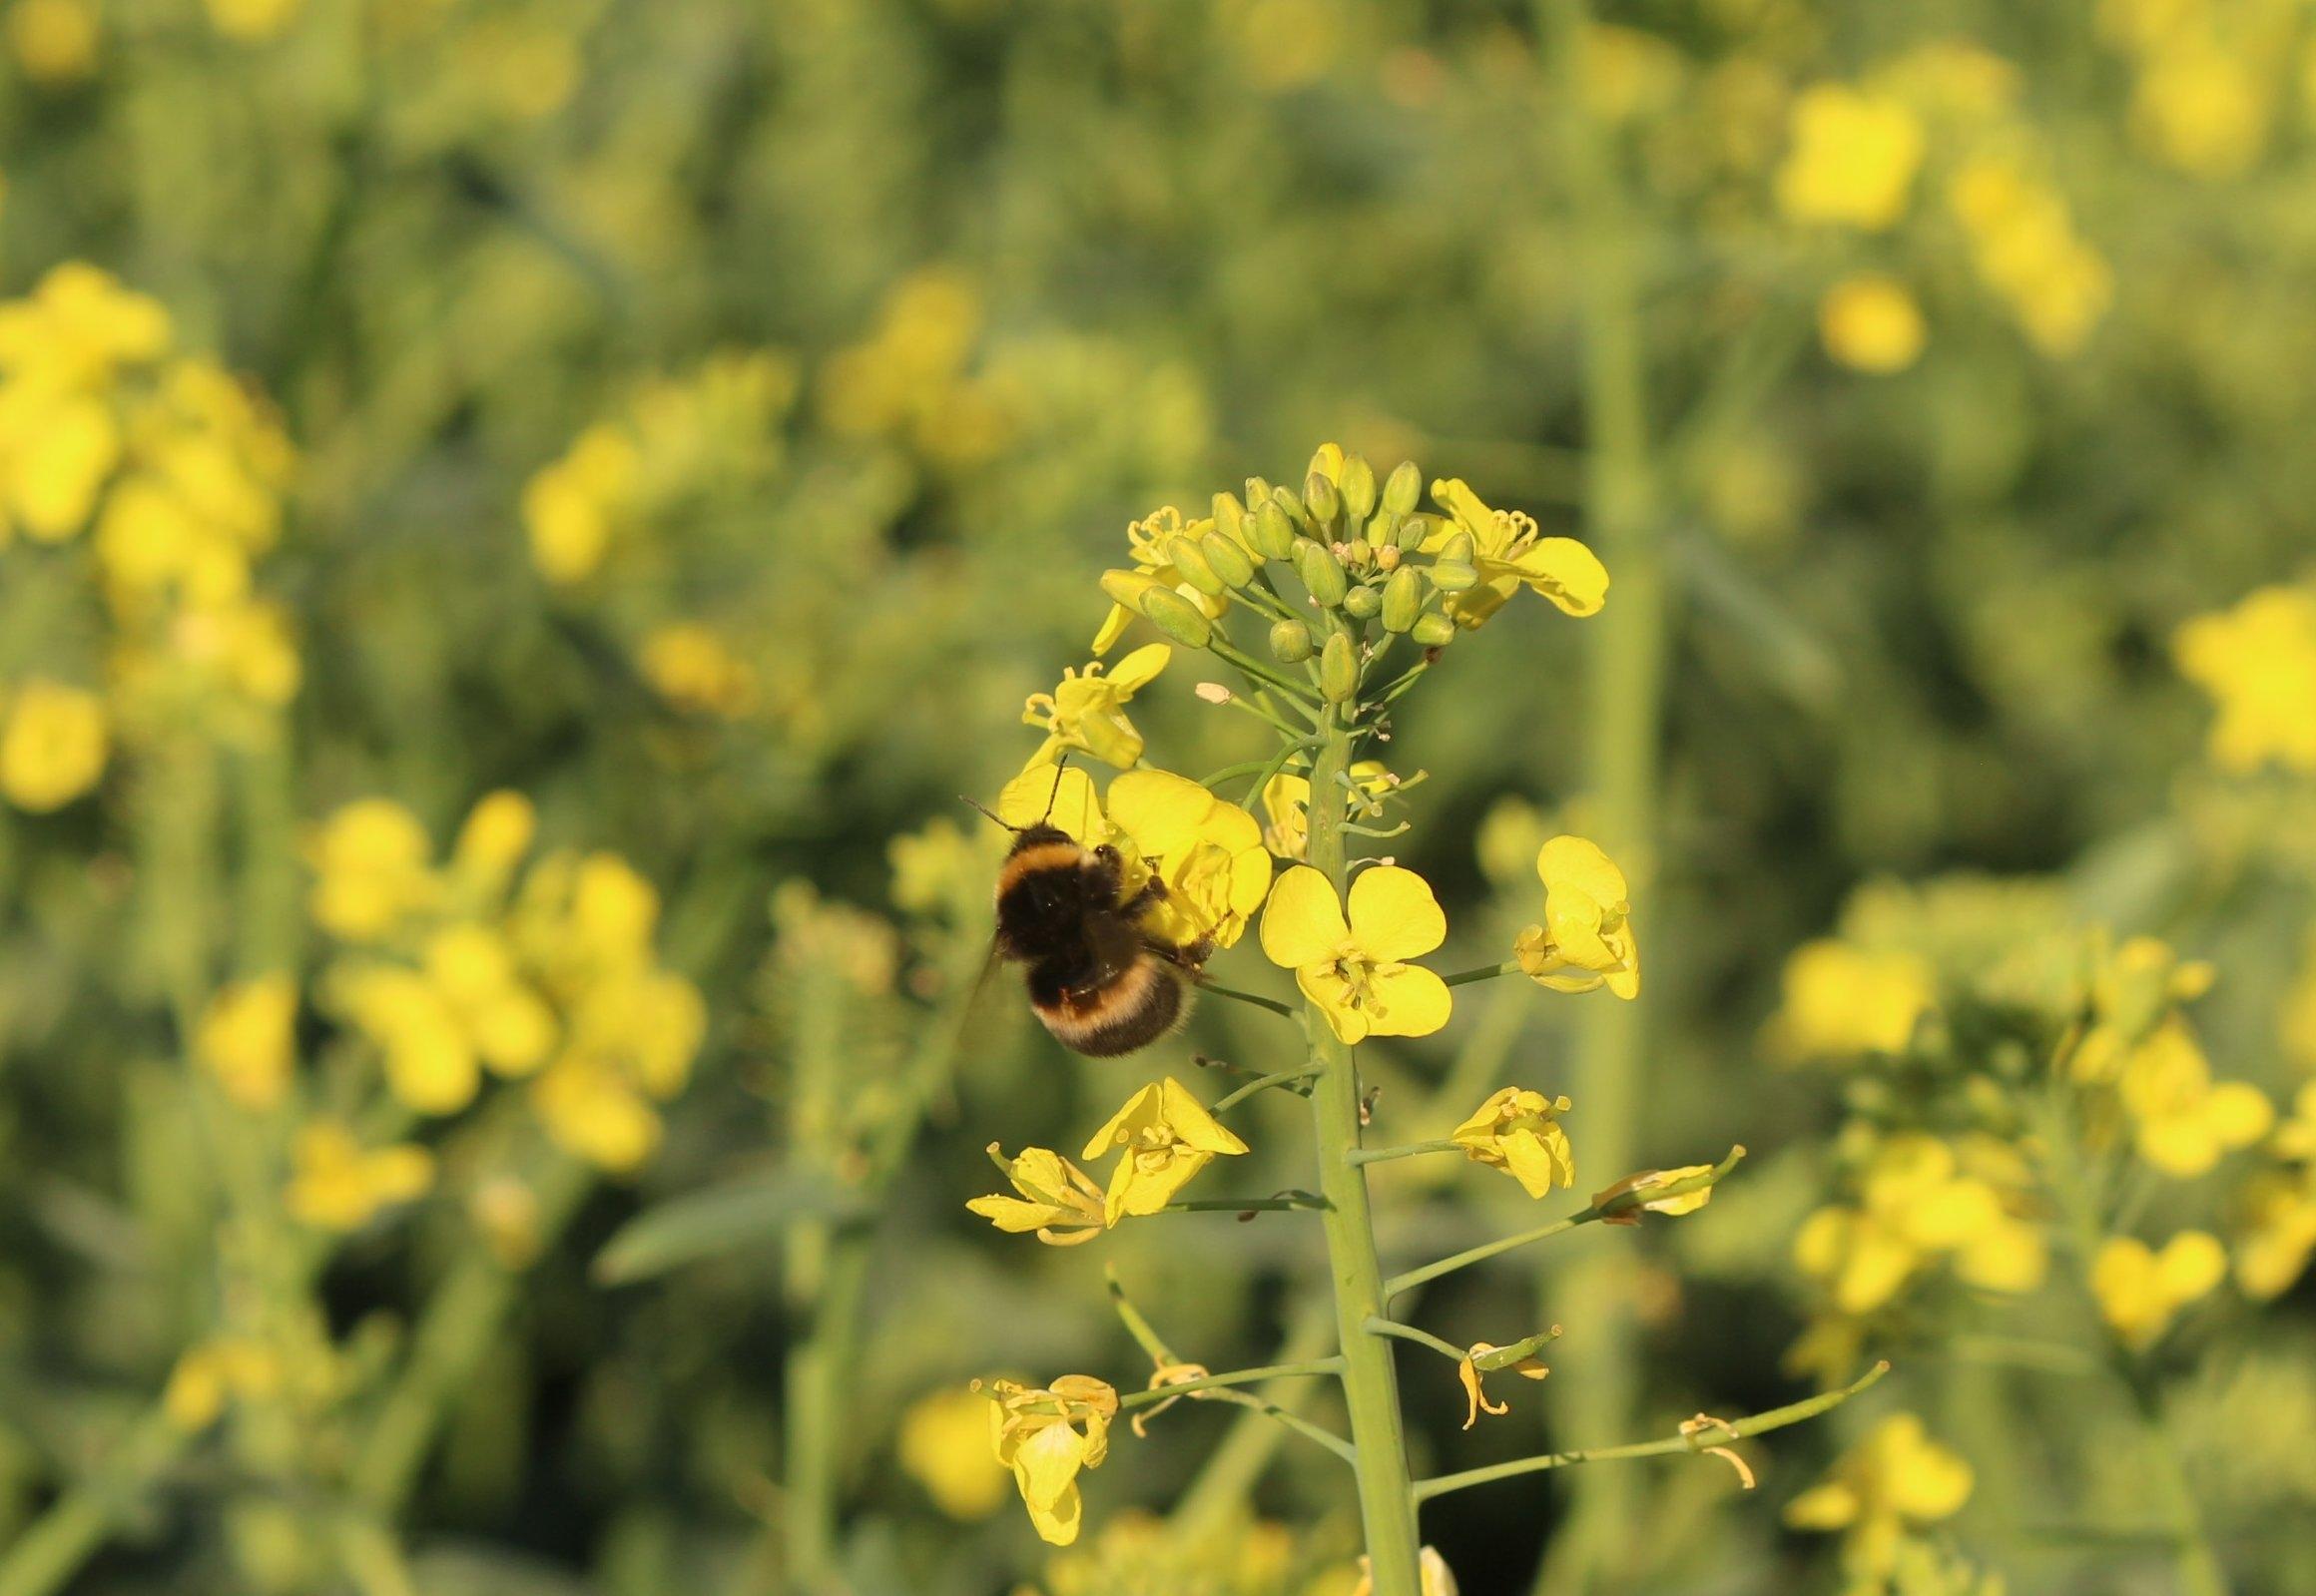 Atemberaubend Raps lockt mit ersten Blüten Bienen an | Lippe News &IP_39